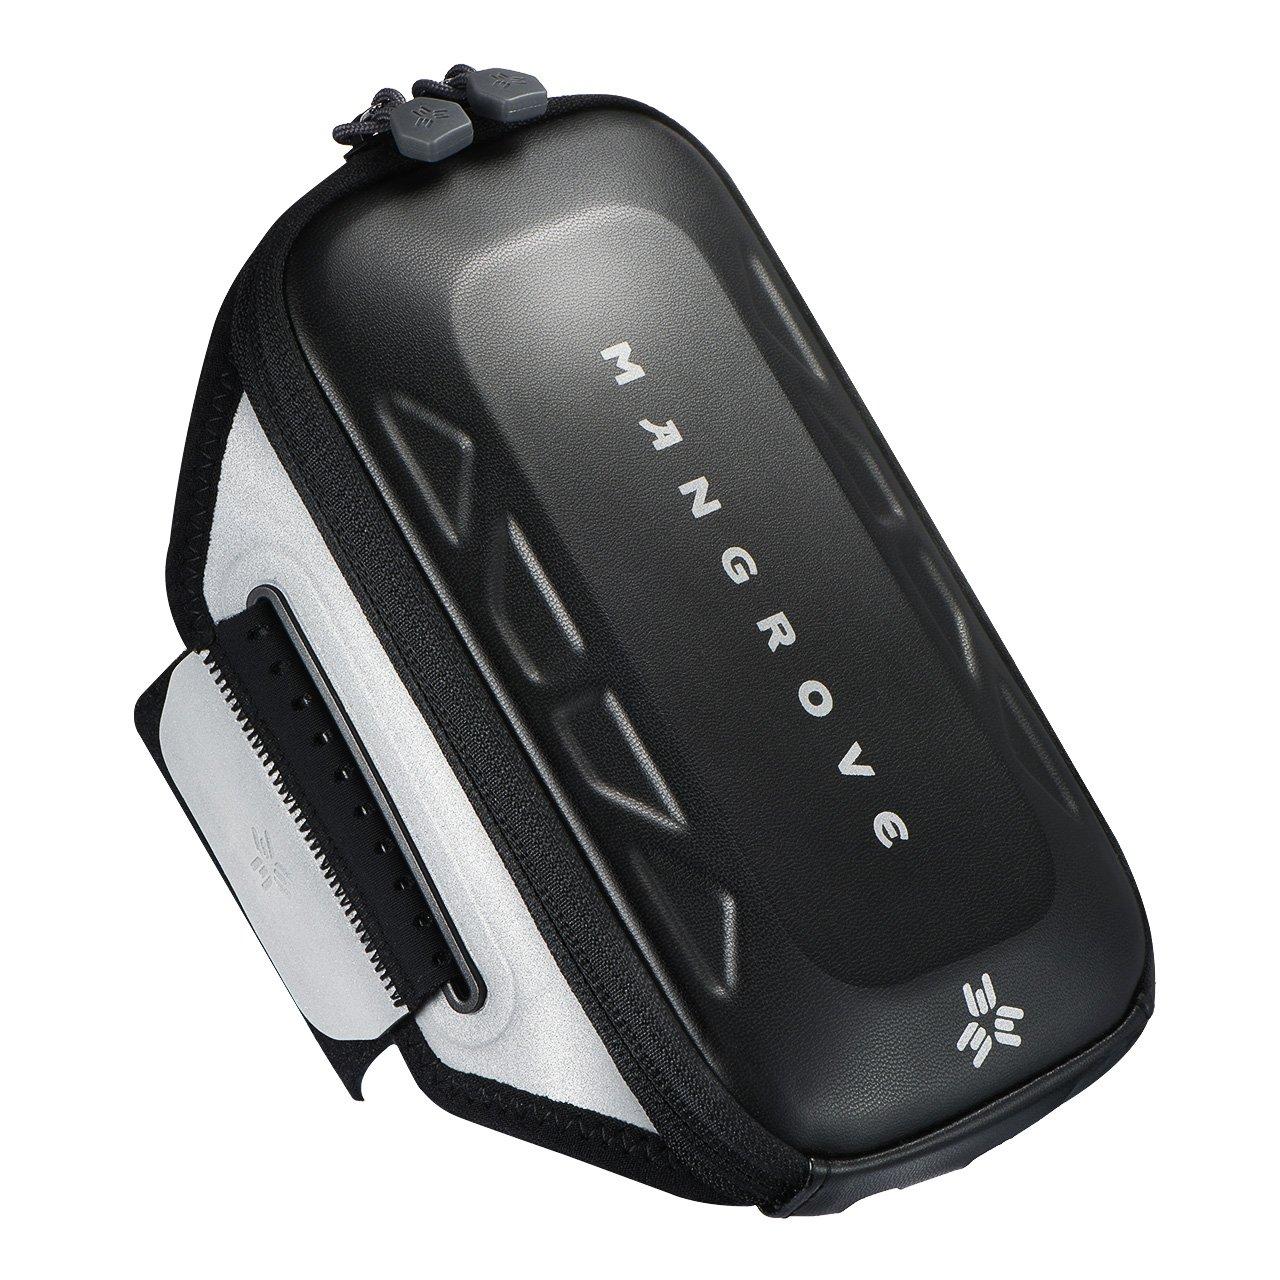 【Auto-Développement】Brassard de Sport iPhone 7/8/X/6 7Plus Saumsung S7 S6 Edge Universel pour Tous les Smartphone Jusque'à 6.0 --Nouveuax Matériaux Sain Respirants -Bande Réfléchissant-Conception Anti-Chute-Super Grande Capacité pour les cartes, clé, monna